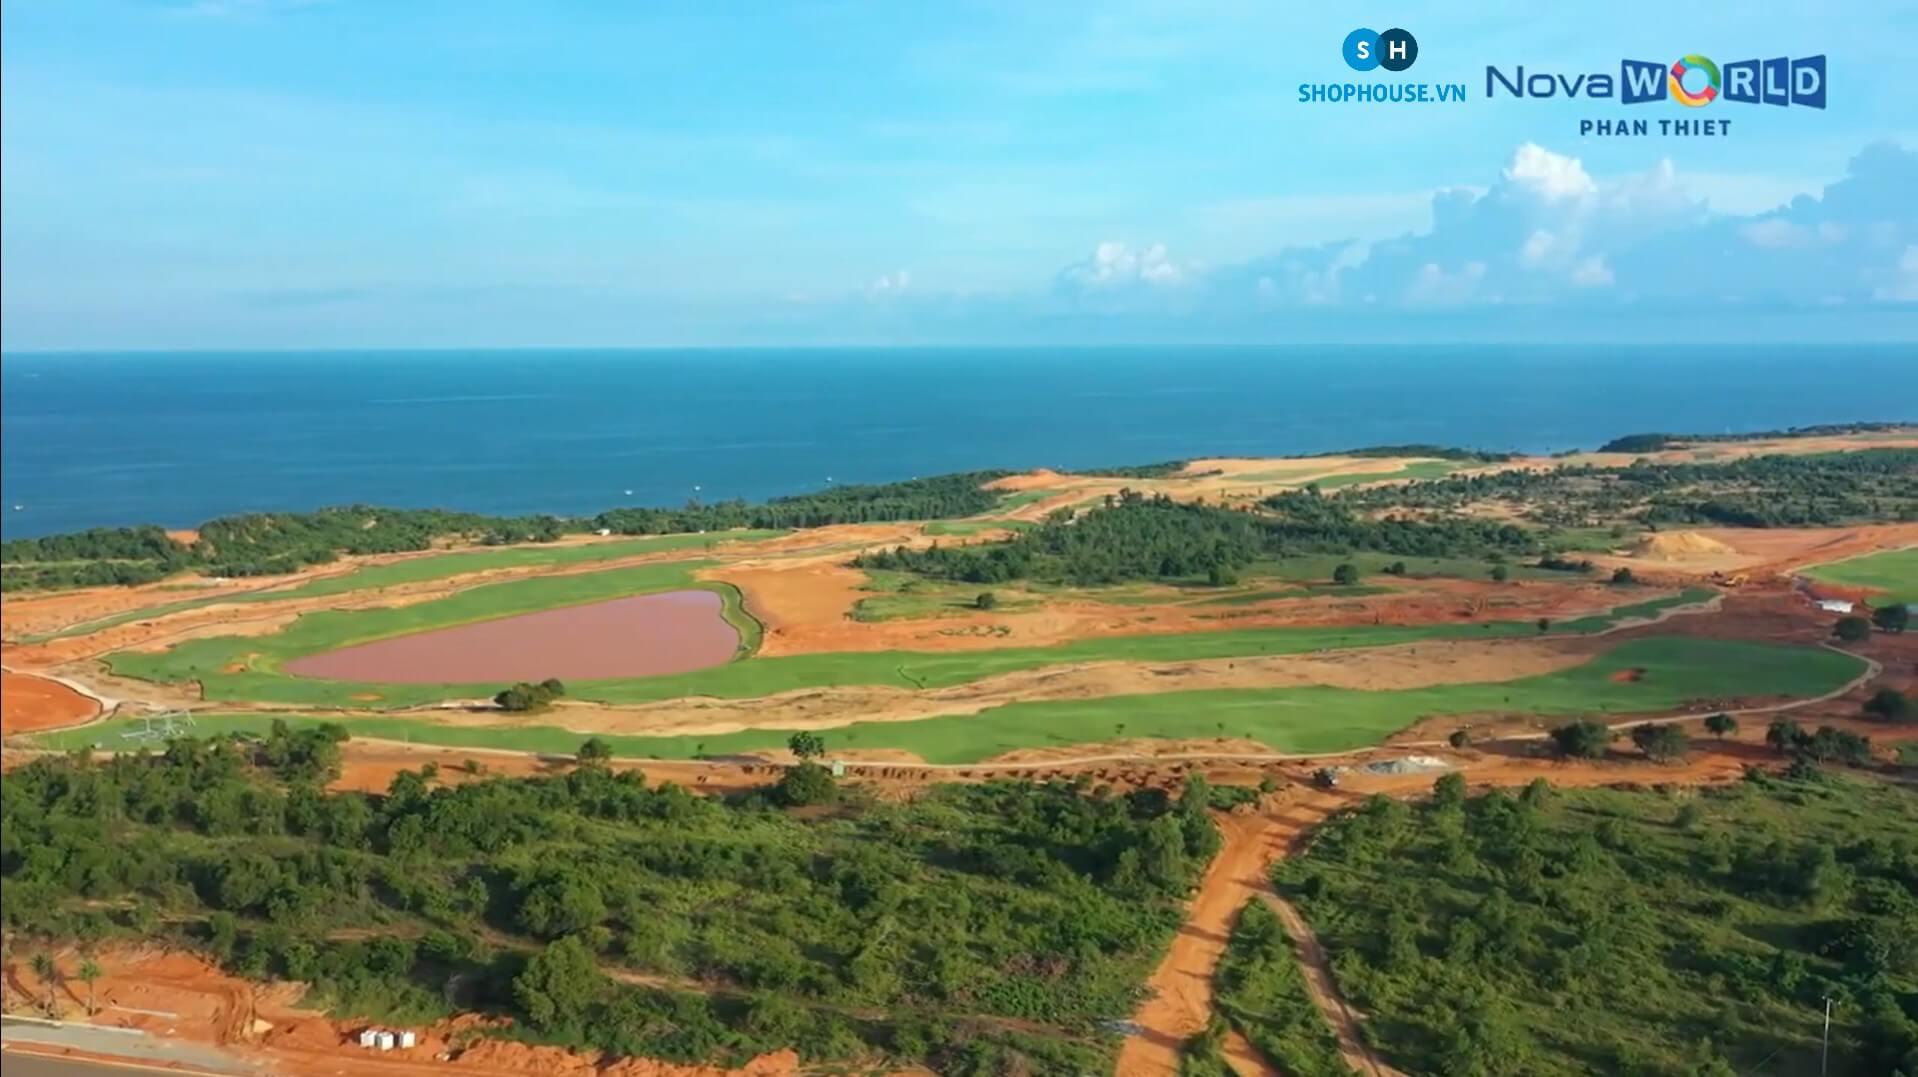 view-san-Golf-Ocean-bien-Tien-Thannh-cong-Nam-du-an-NovaWorld-Phan-Thiet-Binh-Thuan-Novaland-T10-2020